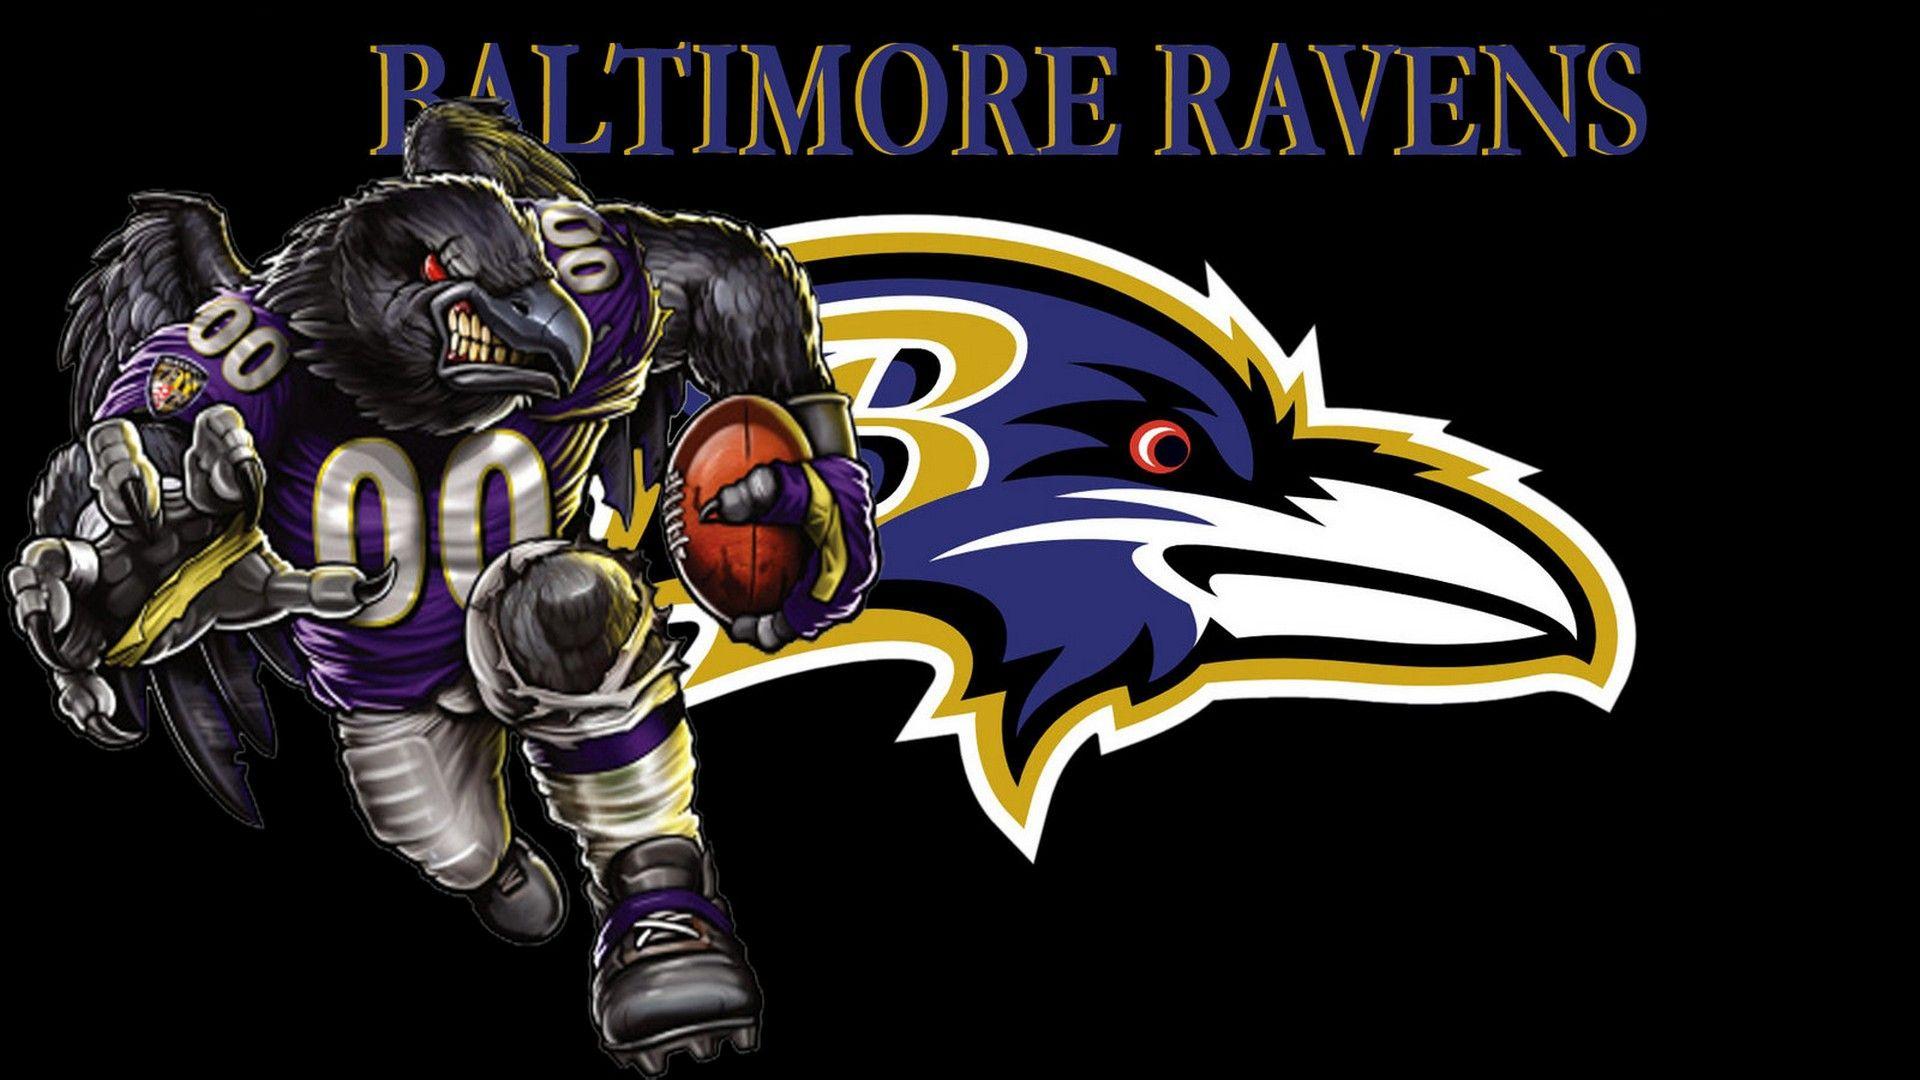 Baltimore Ravens Wallpaper 2021 Nfl Football Wallpapers Ravens Wallpaper Baltimore Ravens Wallpapers Nfl Ravens